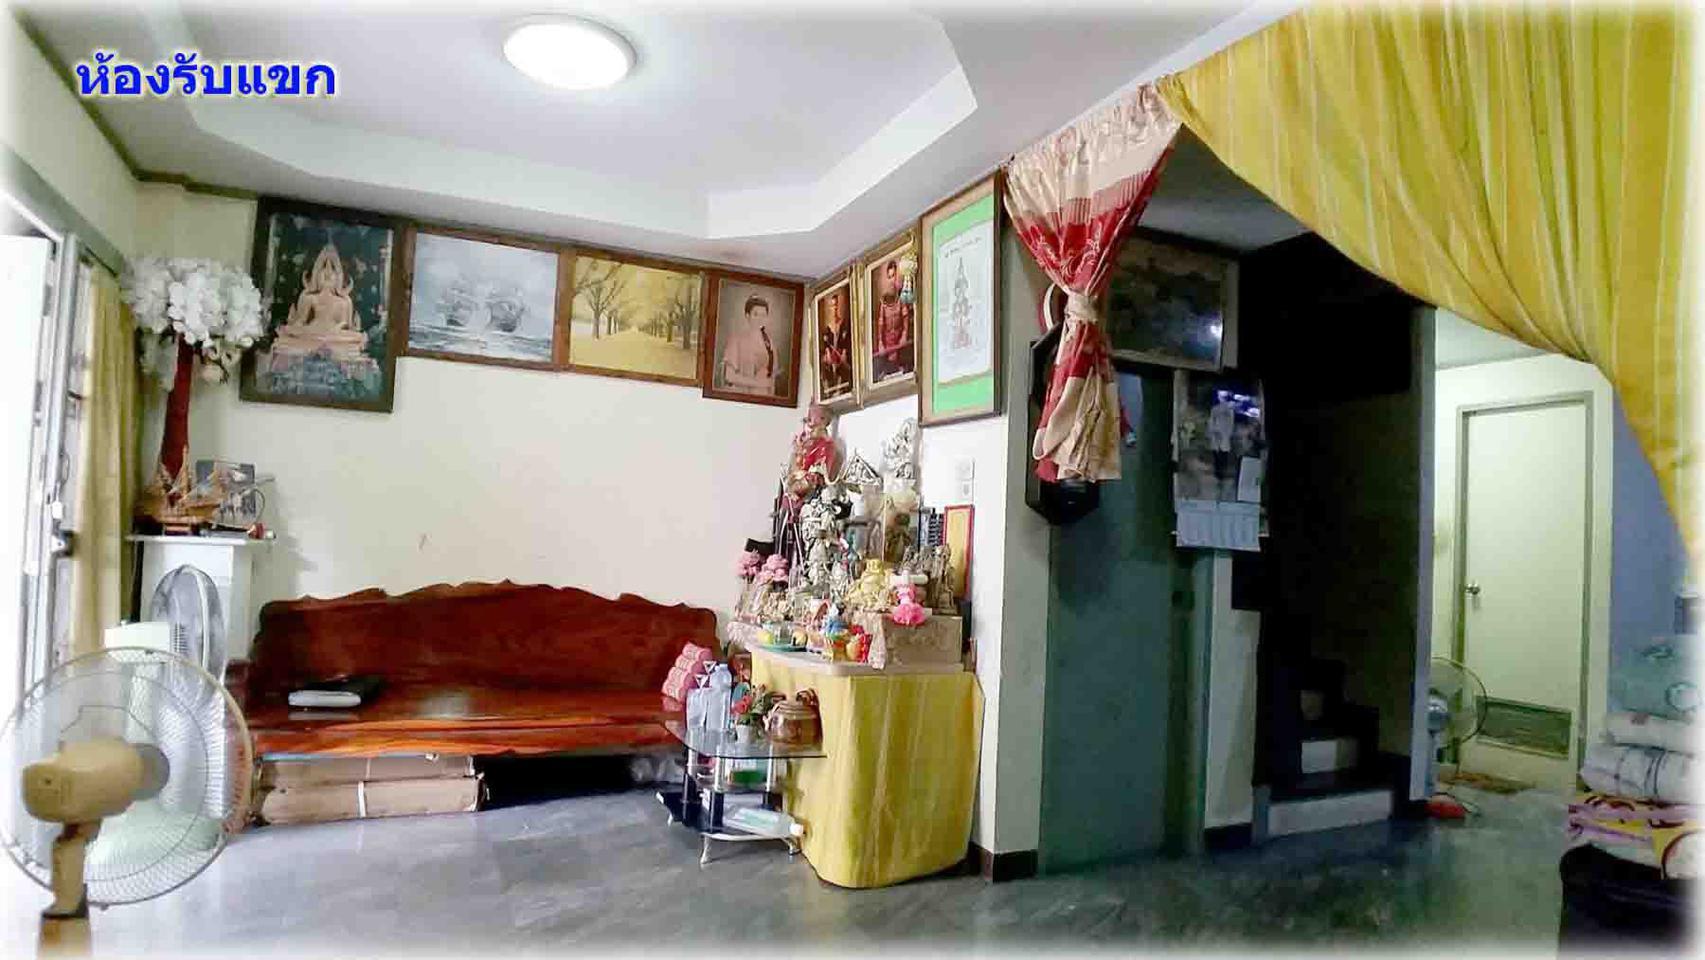 ขายด่วน บ้านแฝด ติดถนนเพชรเกษม81 ม.ธนาสุข-กิตติยา รูปที่ 4